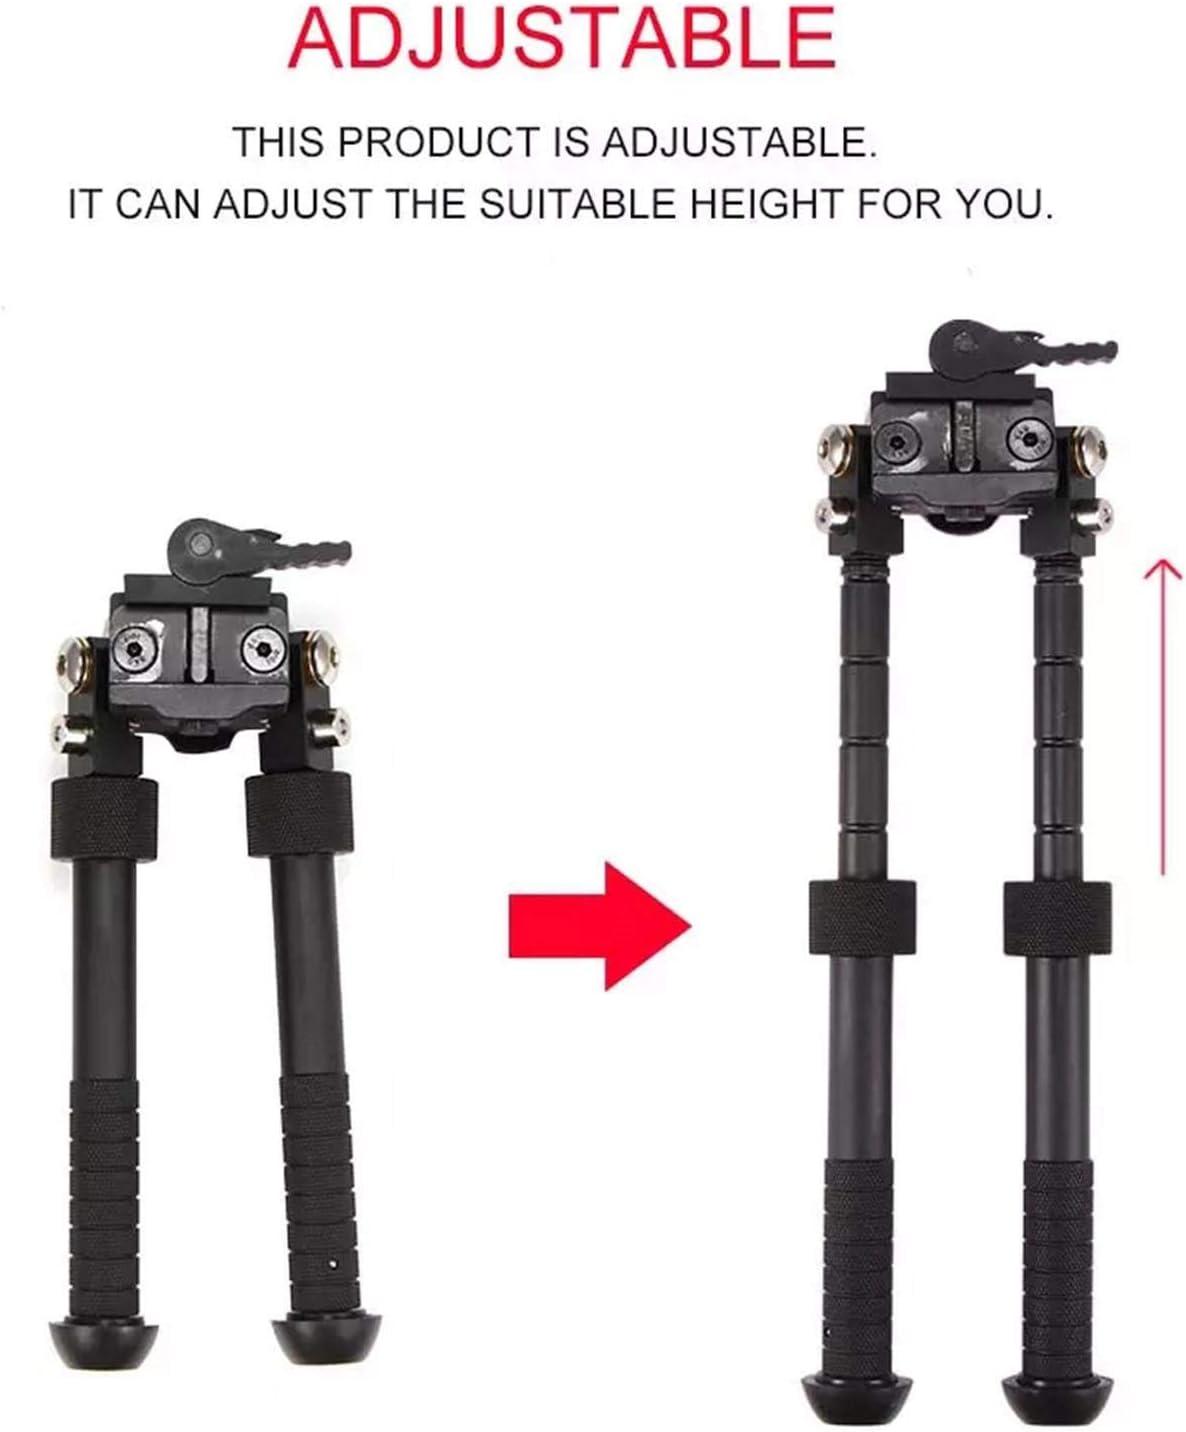 165 Mm Bis Ca Niumen Schwenkbare Halterung 360 /° Drehbares Zweibein Einzigartiger 360-Grad-Drehadapter F/ür Unterschiedliche L/ängen Von Ca 225 Mm